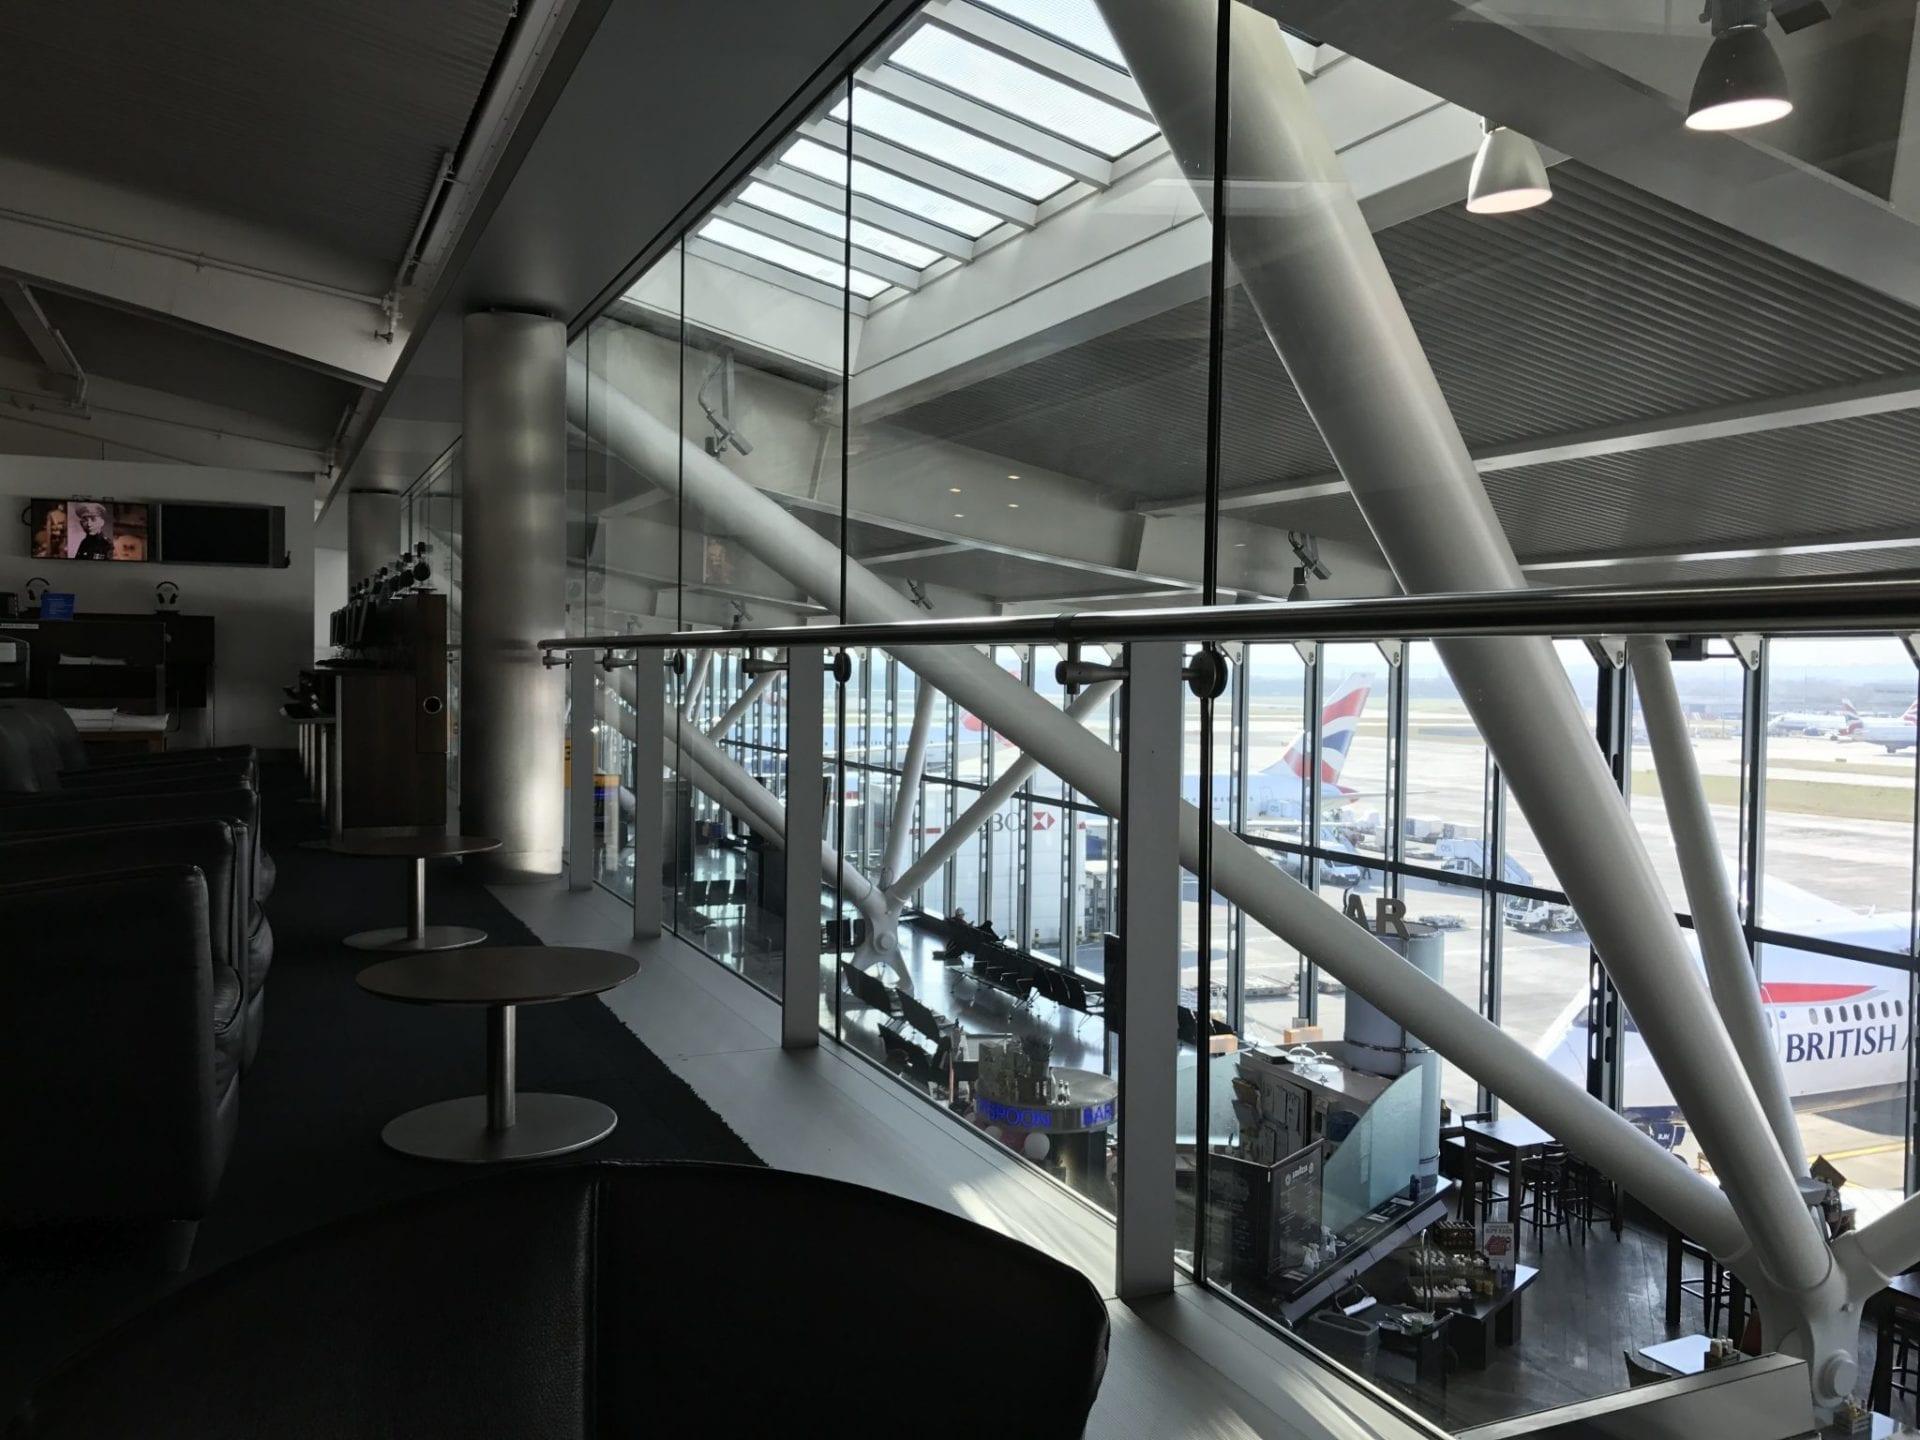 british-airways-galleries-lounge-london-heathrow-terminal-5b-aussicht